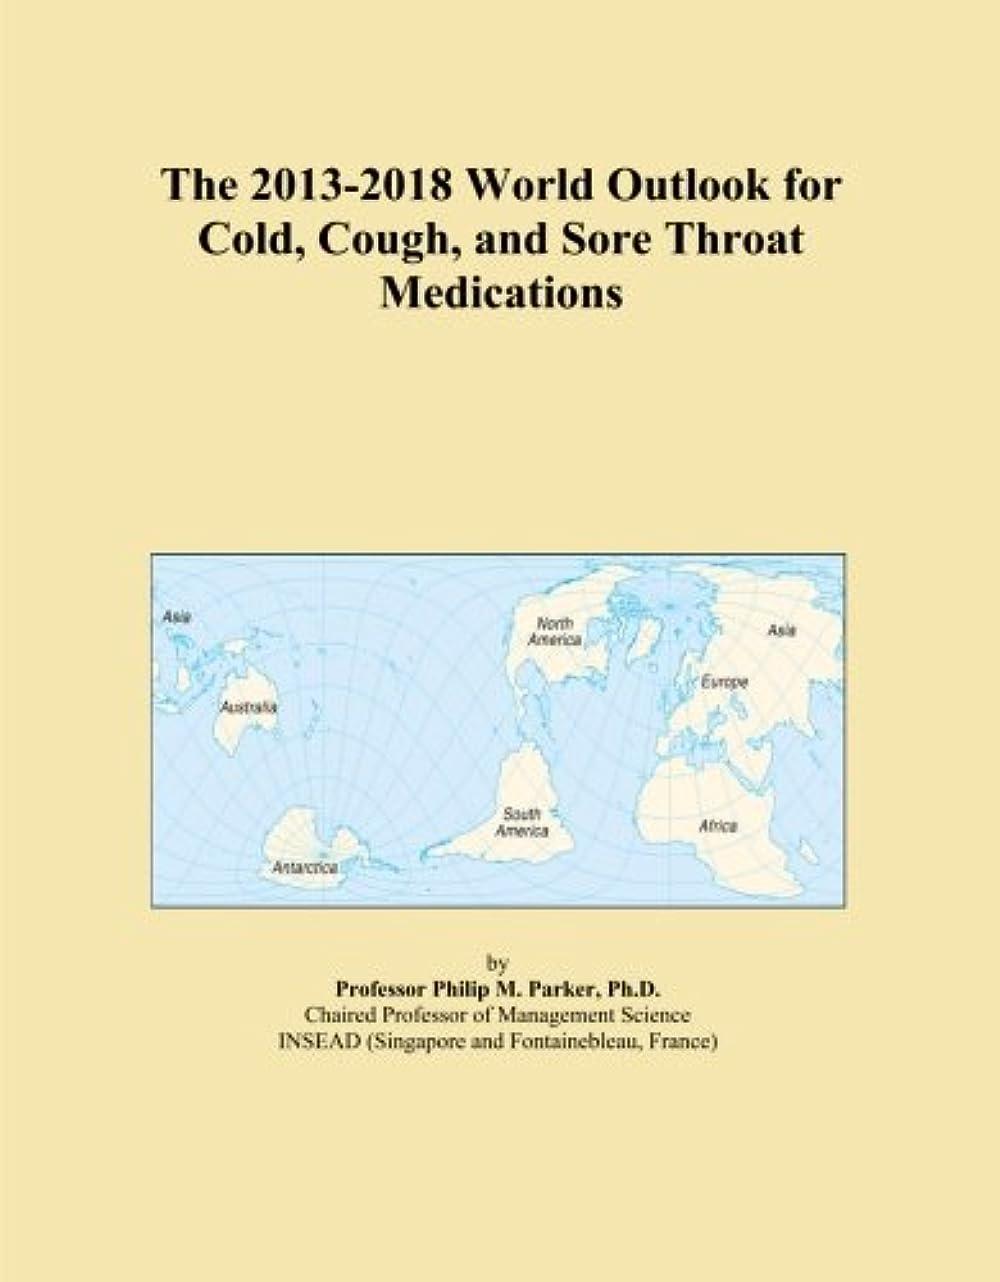 うぬぼれた理解代表してThe 2013-2018 World Outlook for Cold, Cough, and Sore Throat Medications